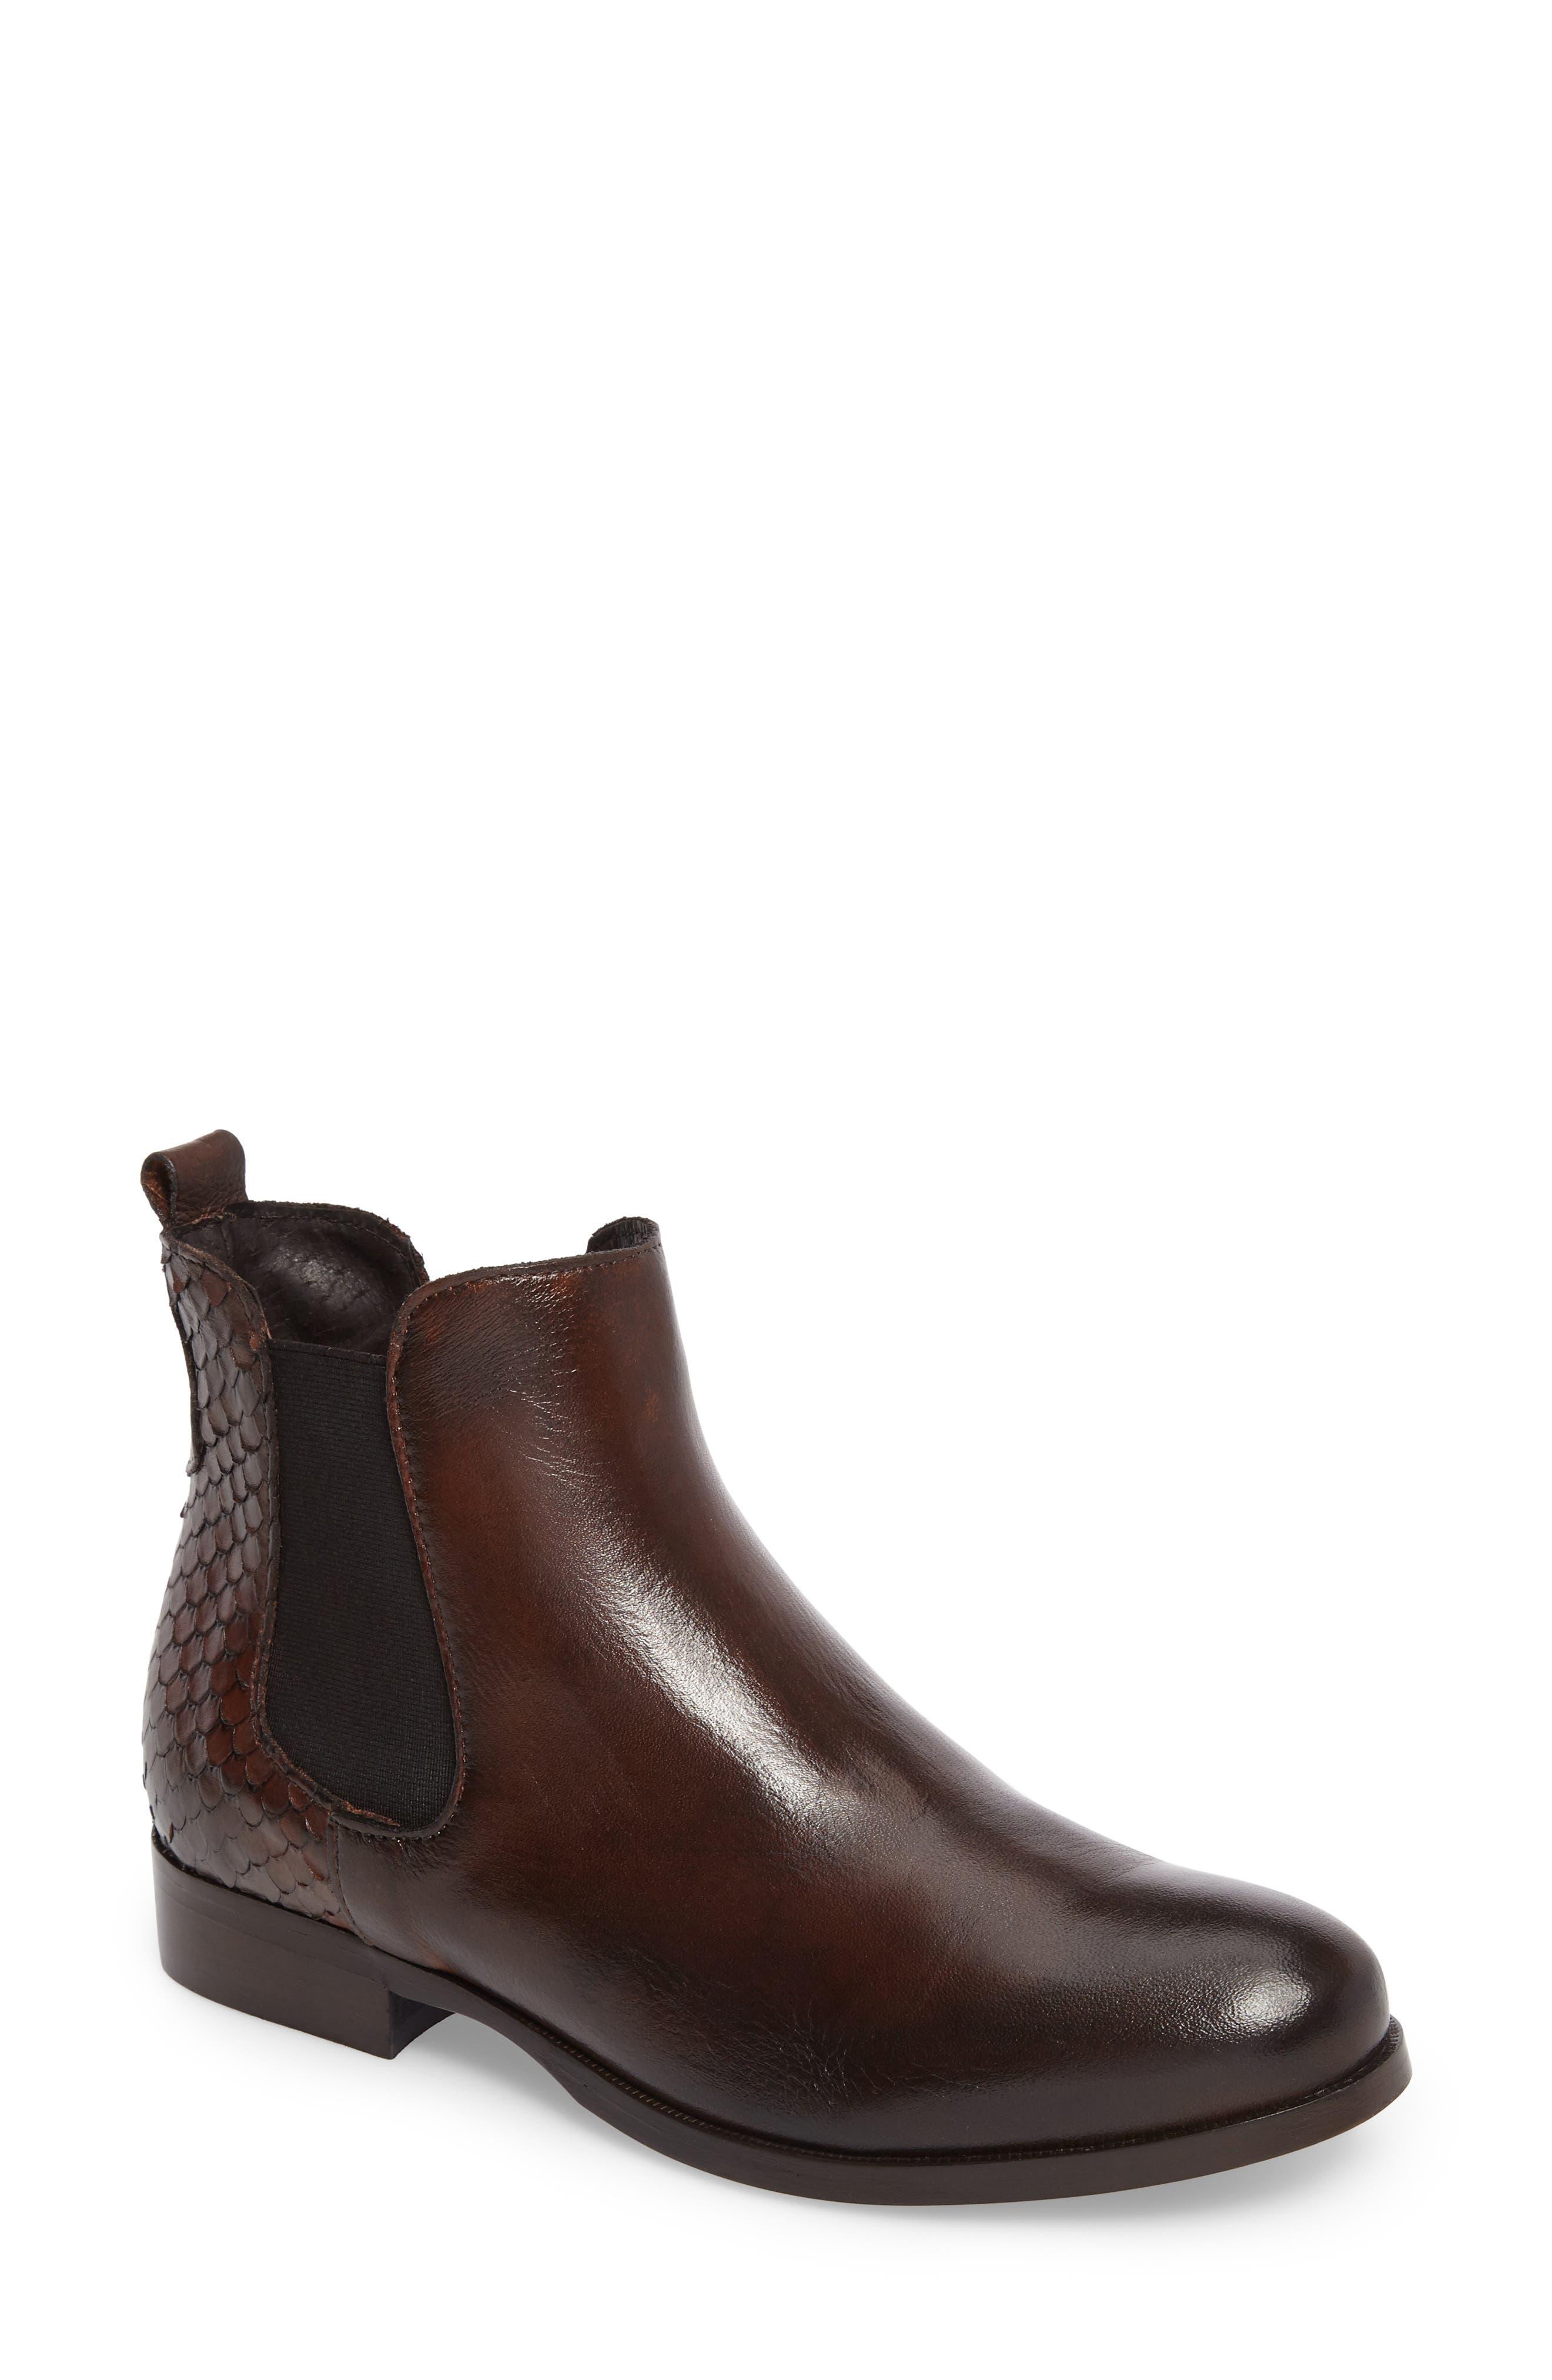 Padamae Water Resistant Chelsea Boot,                             Main thumbnail 1, color,                             001